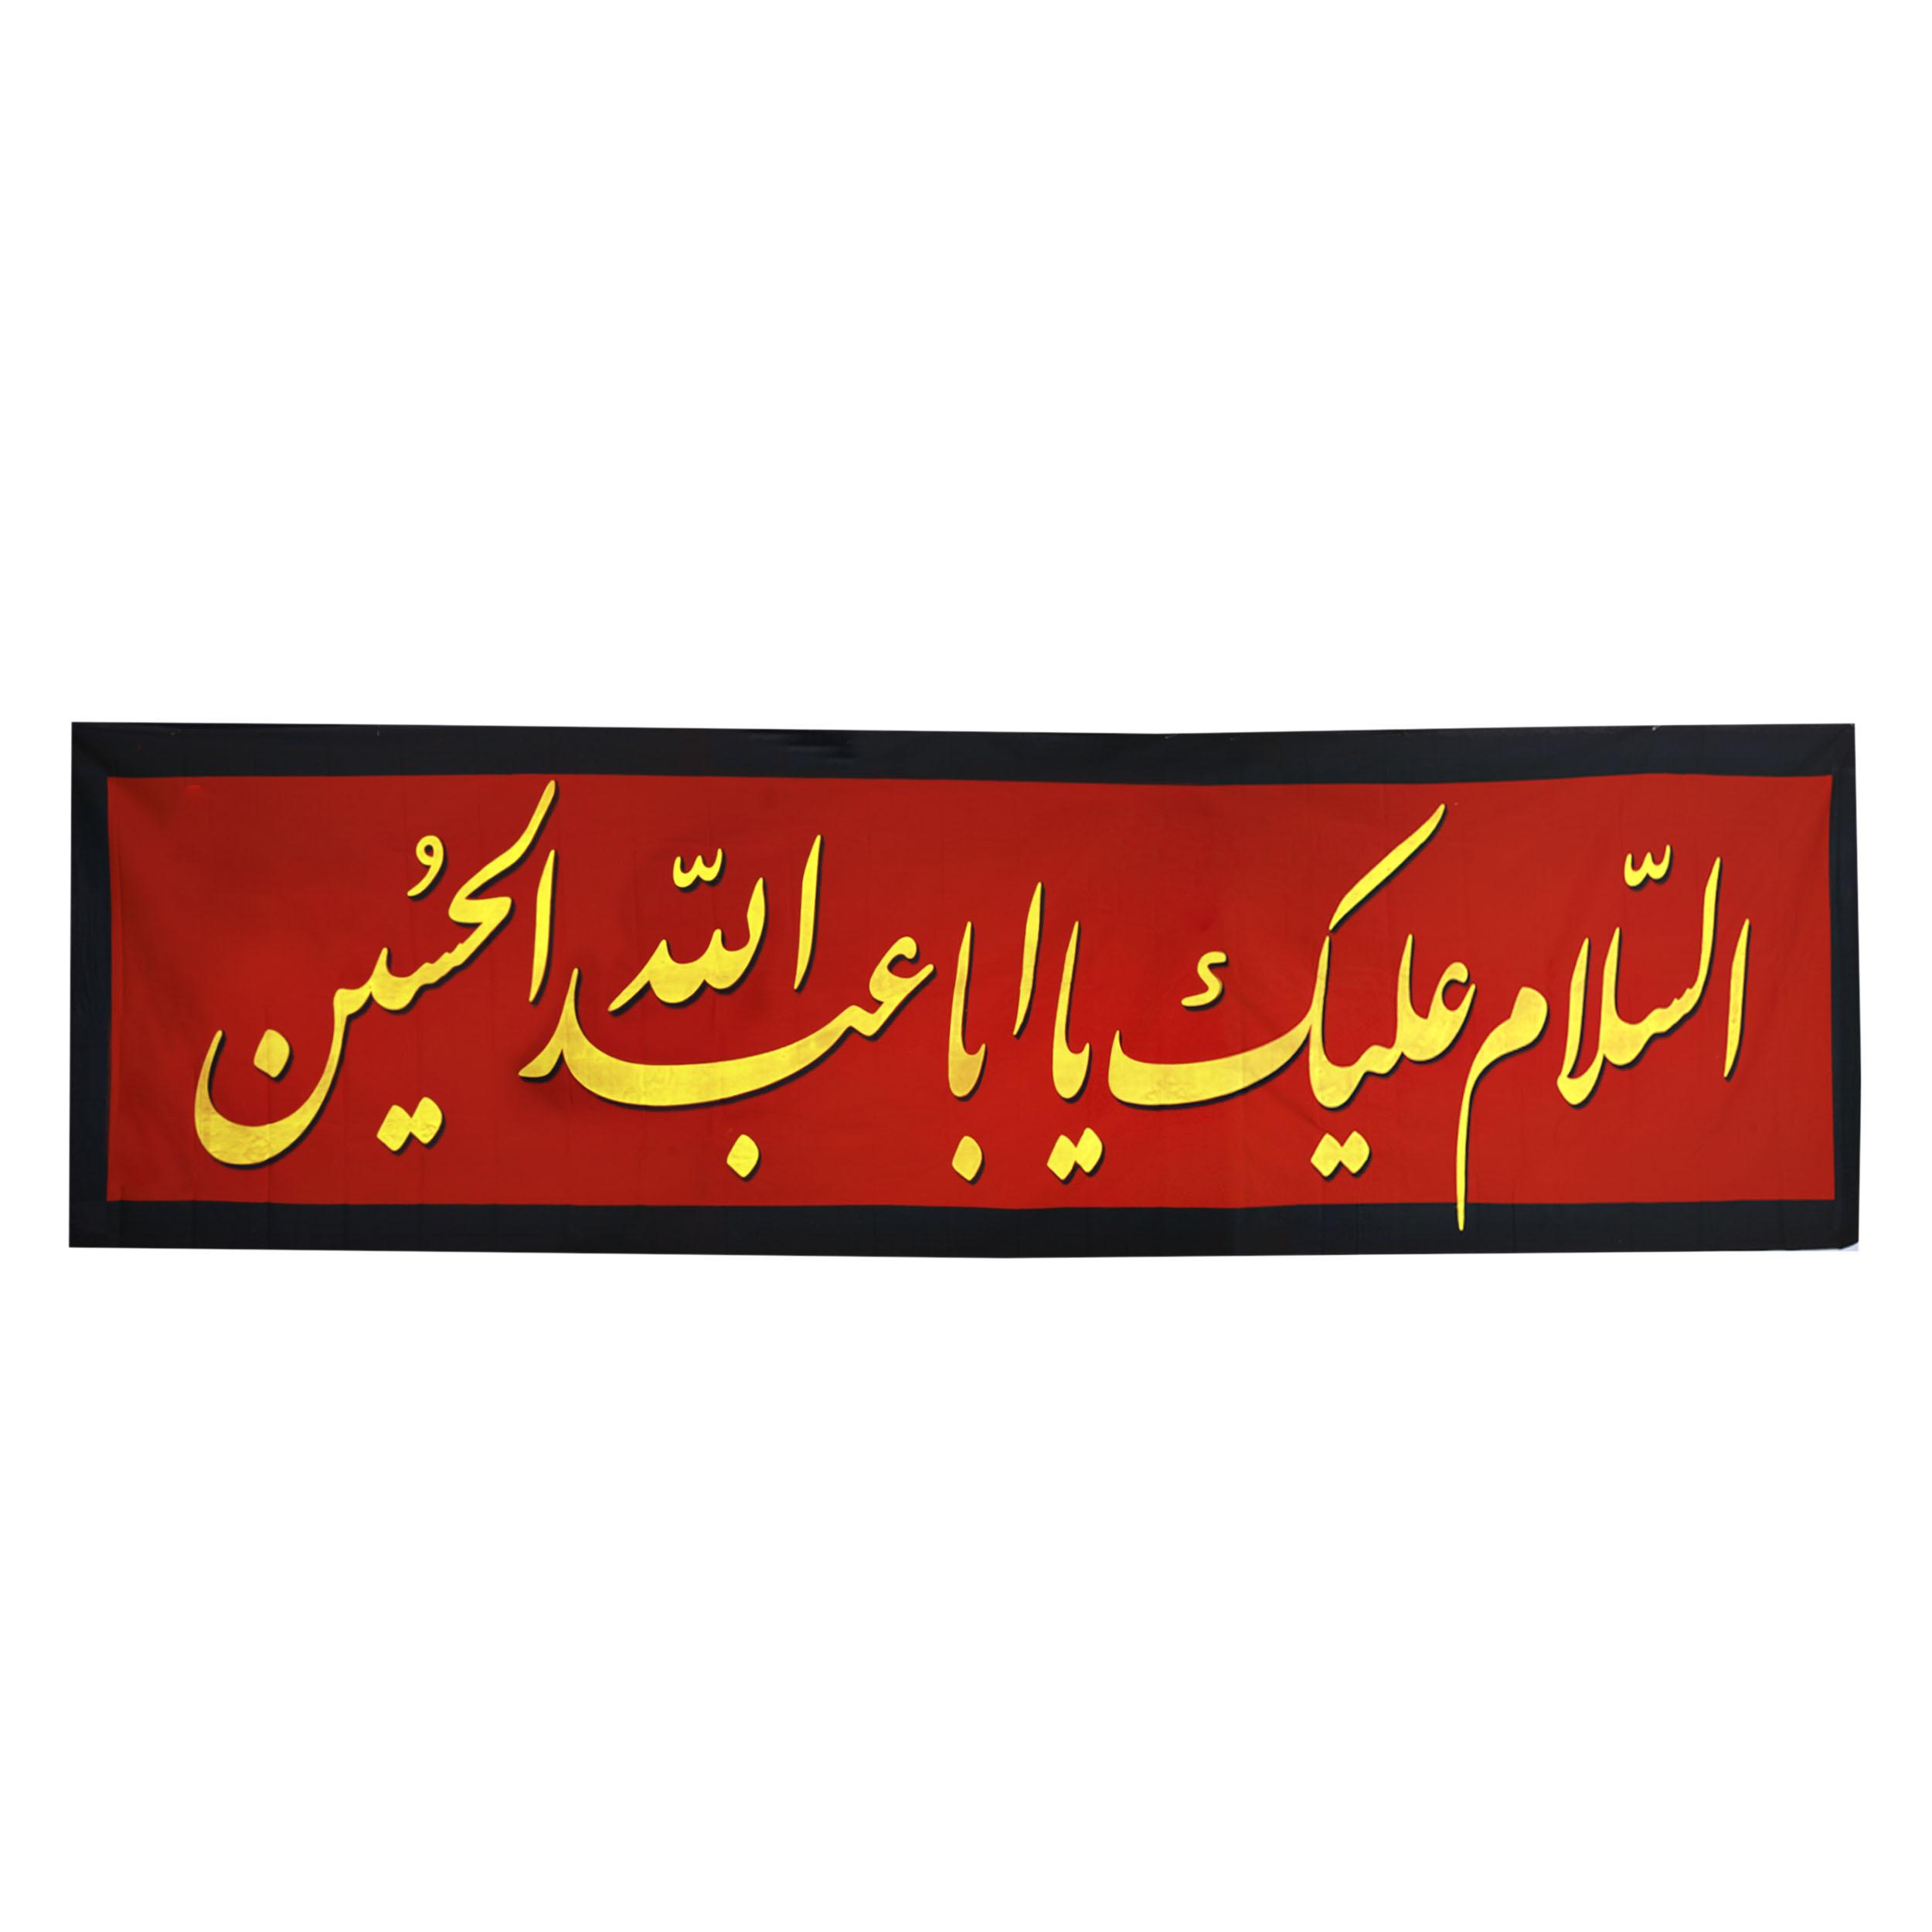 خرید                        پرچم طرح یااباعبدالله الحسین کد PAR-096